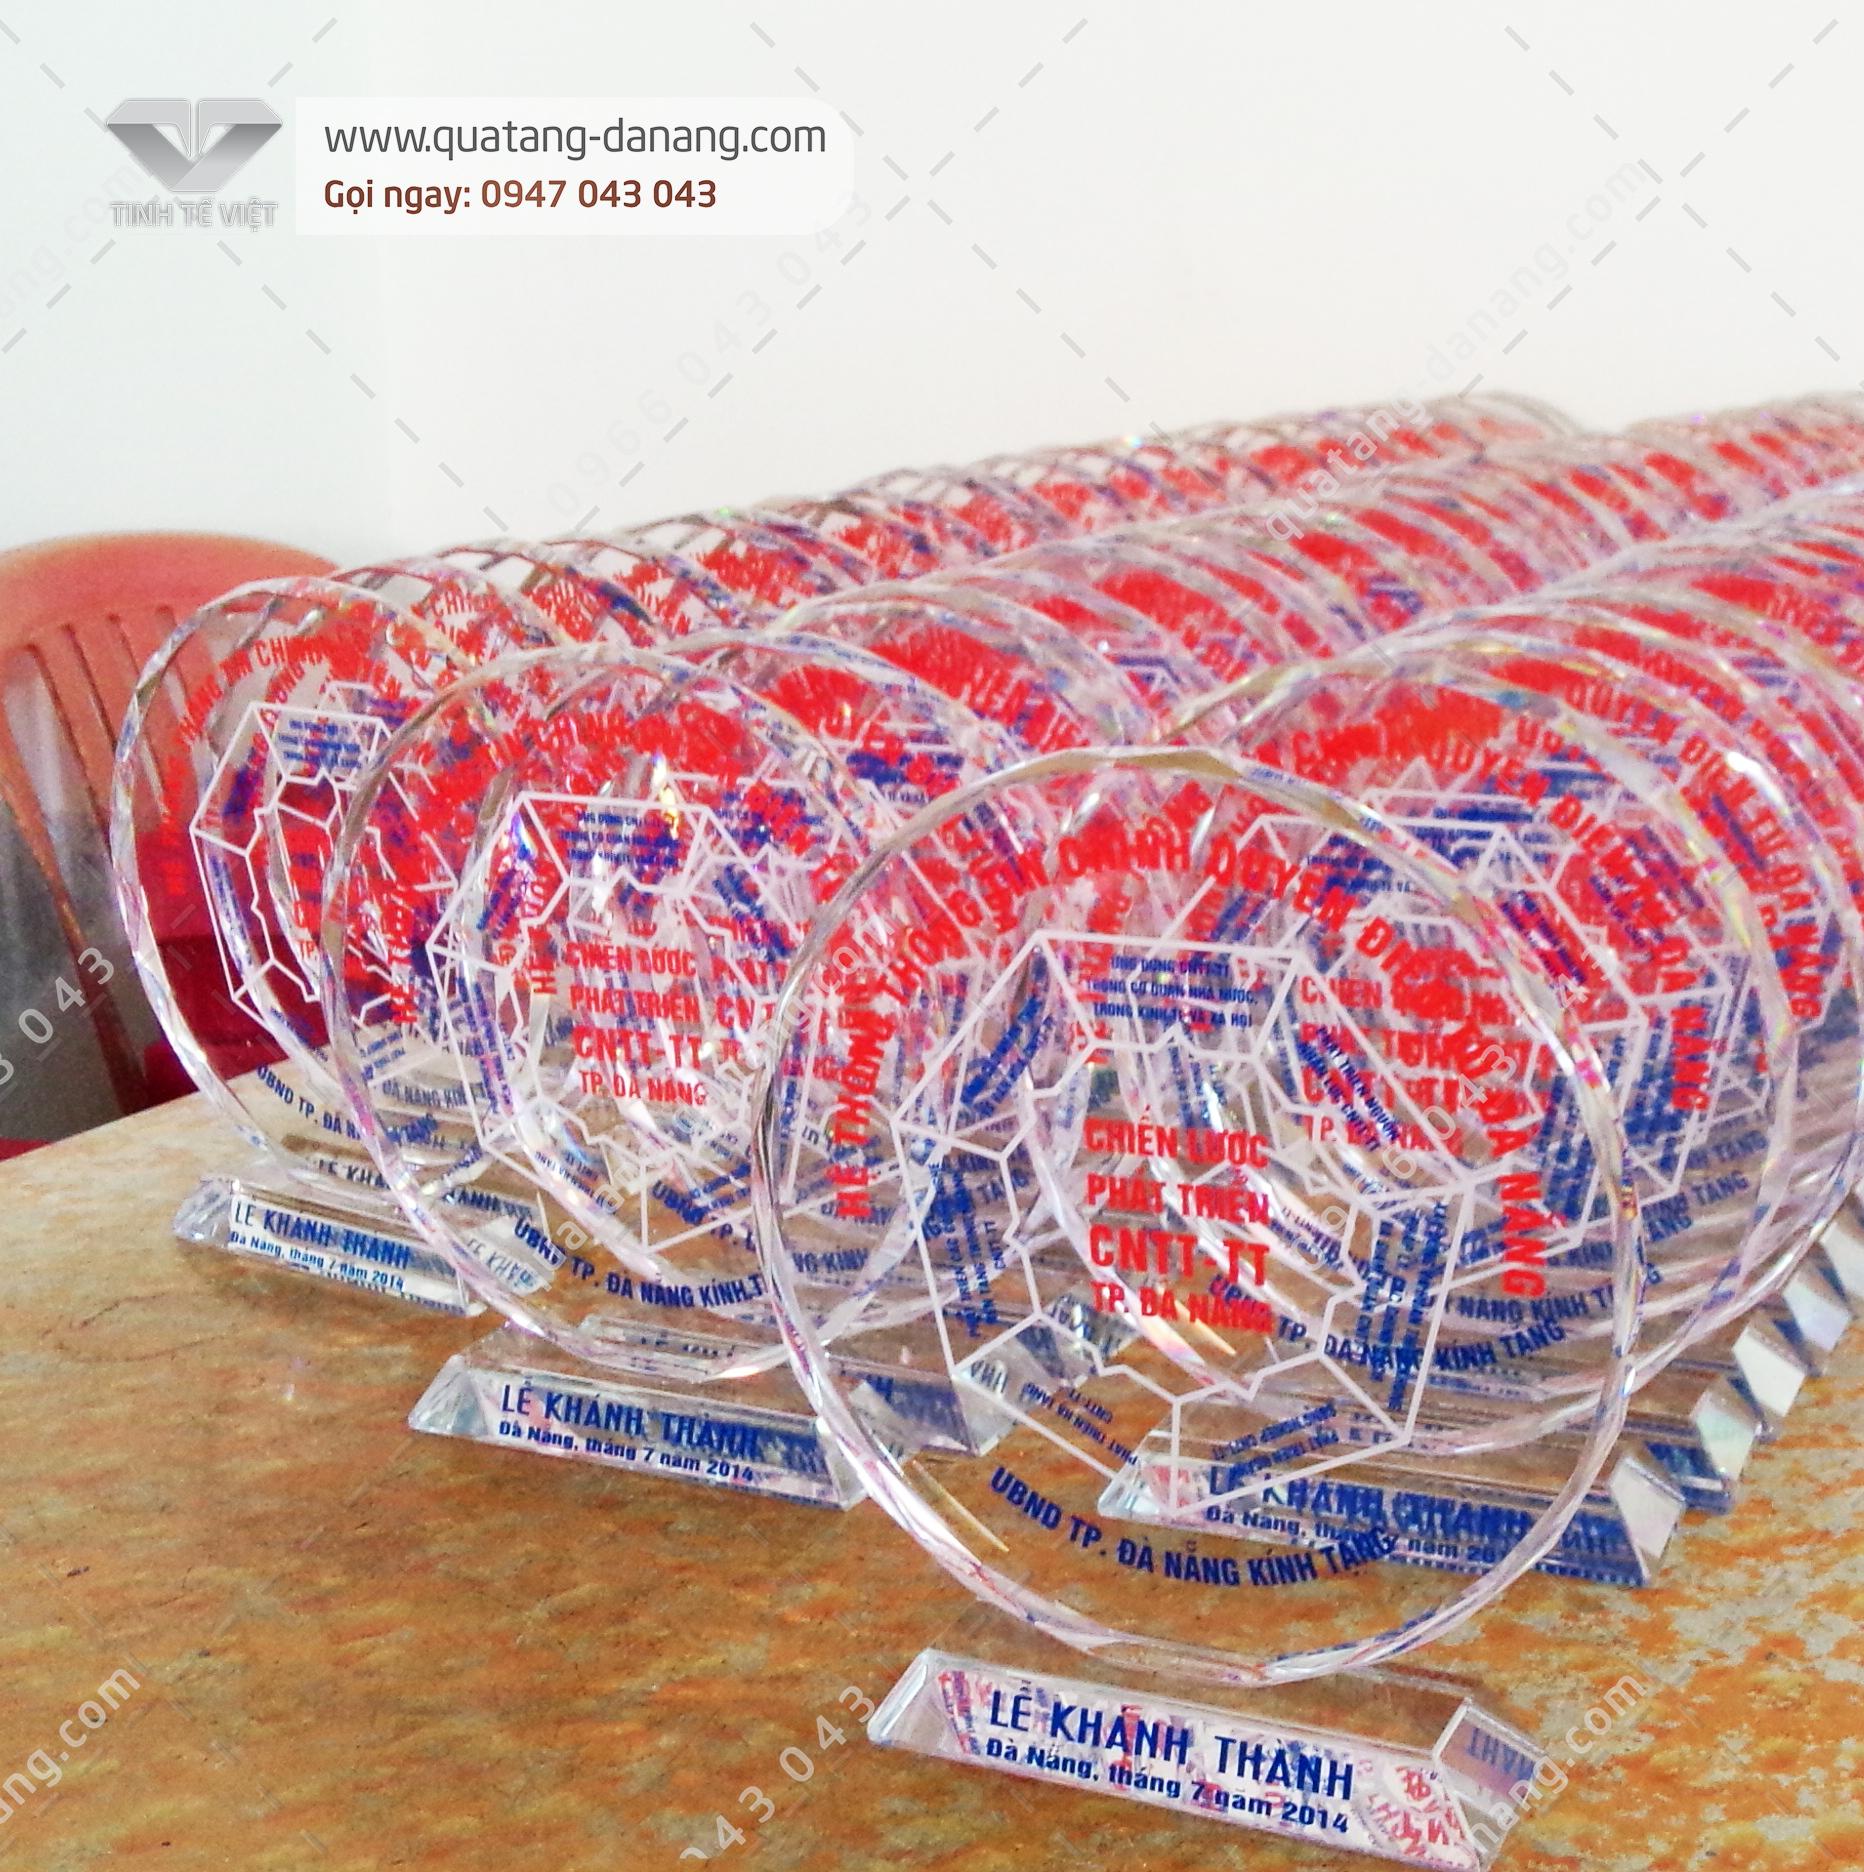 Sản xuất Quà tặng Biểu Trưng Phale Lễ khánh thành Hệ Thống Thông Tin Chính Quyền Điện Tử TP. Đà Nẵng